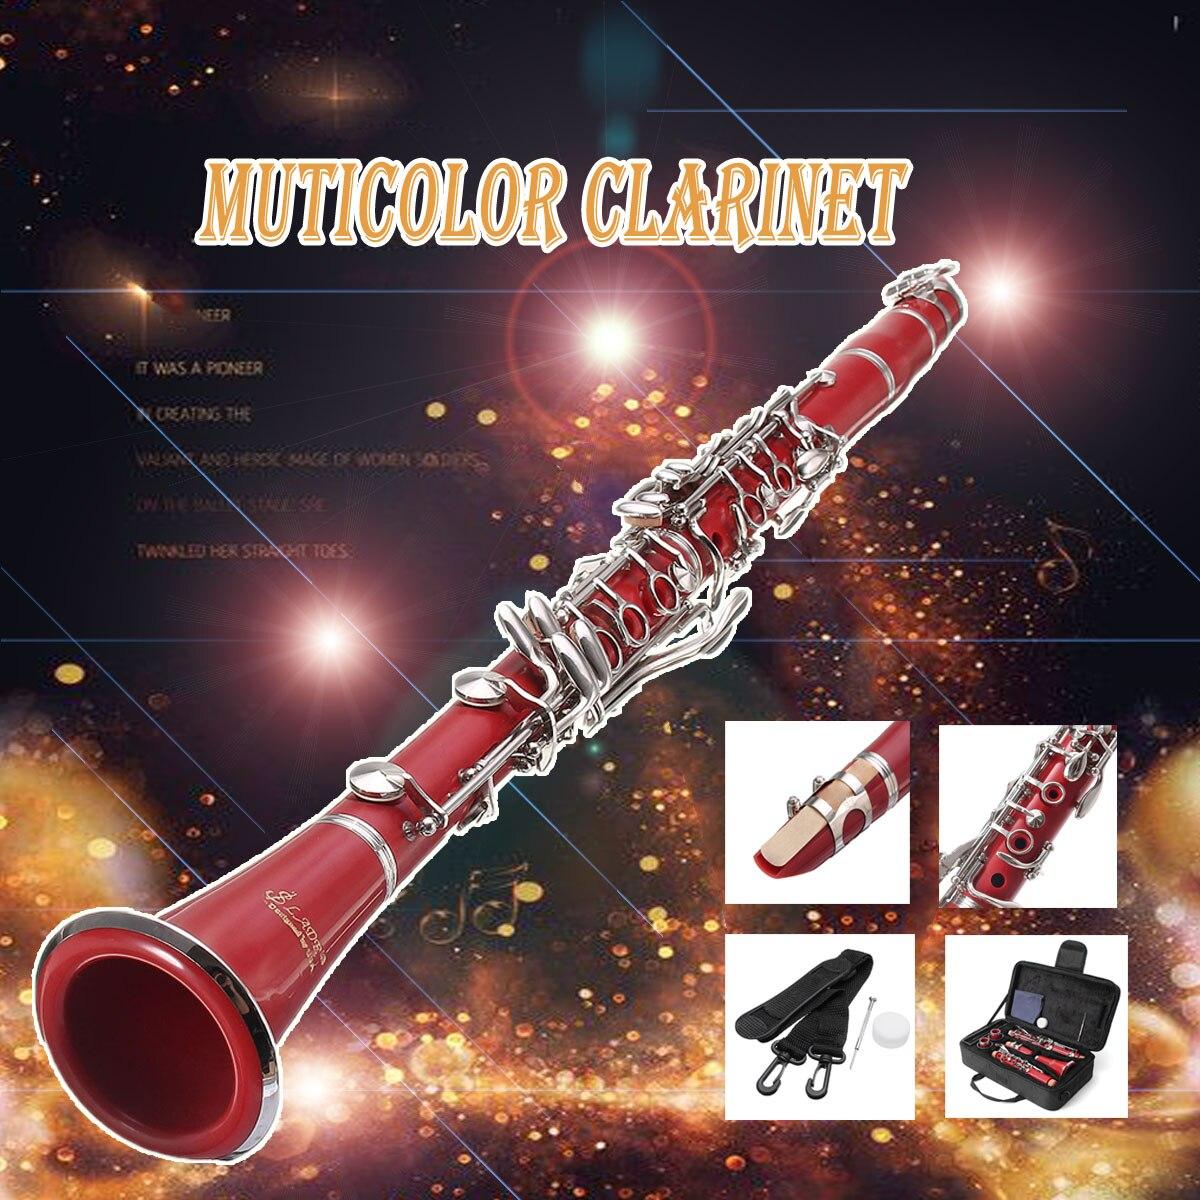 1 set 17 Clé Nickel Plaqué Muticolor Clarinette avec porte-Parole Roseau Case Box Cover Pour Instruments de Musique À Vent Amant Débutant